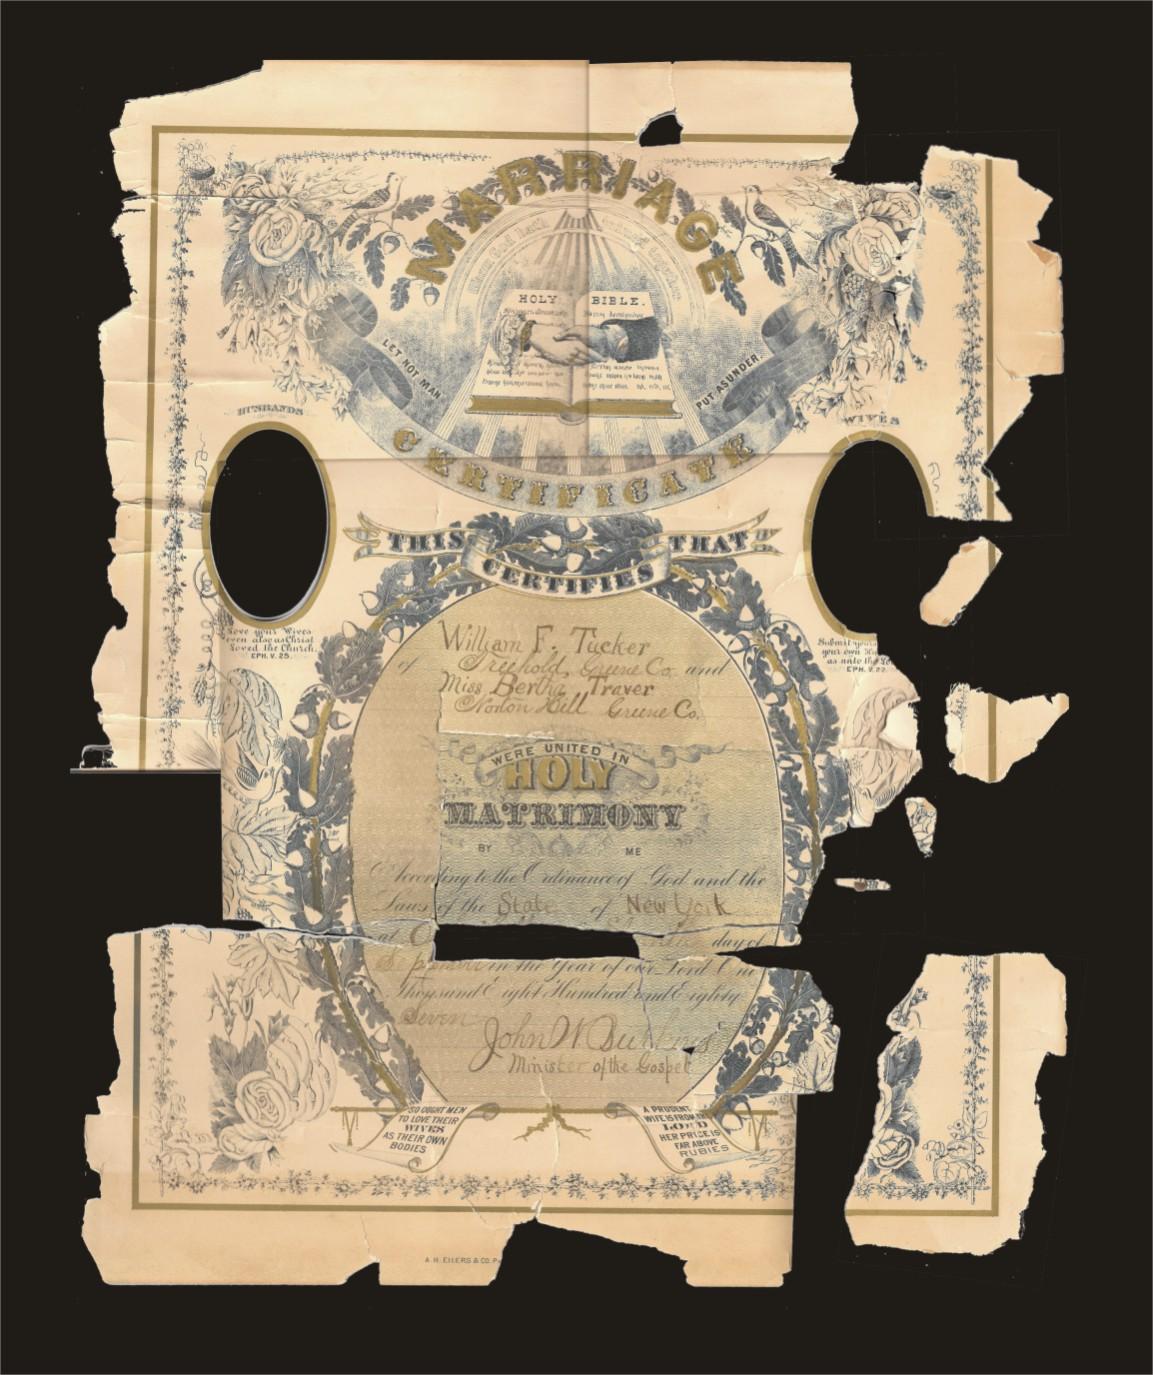 TuckerTraver Marriage Certificate